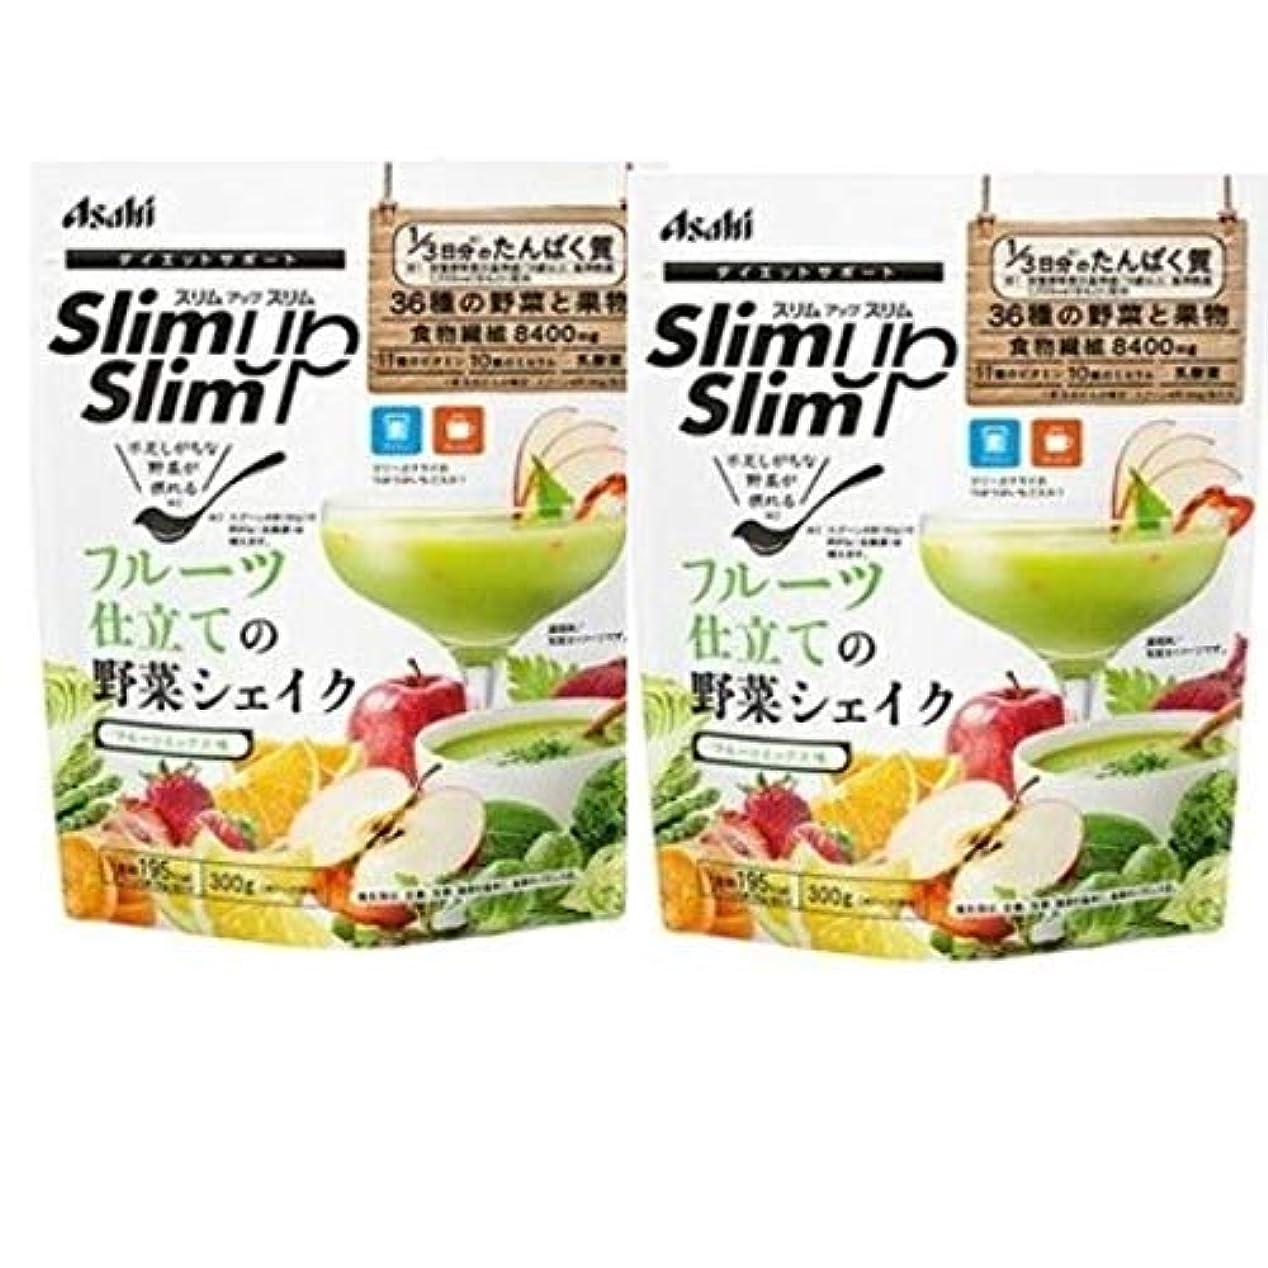 反映する再集計記者【2個セット】スリムアップスリム フルーツ仕立ての野菜シェイク フルーツミックス味 300g